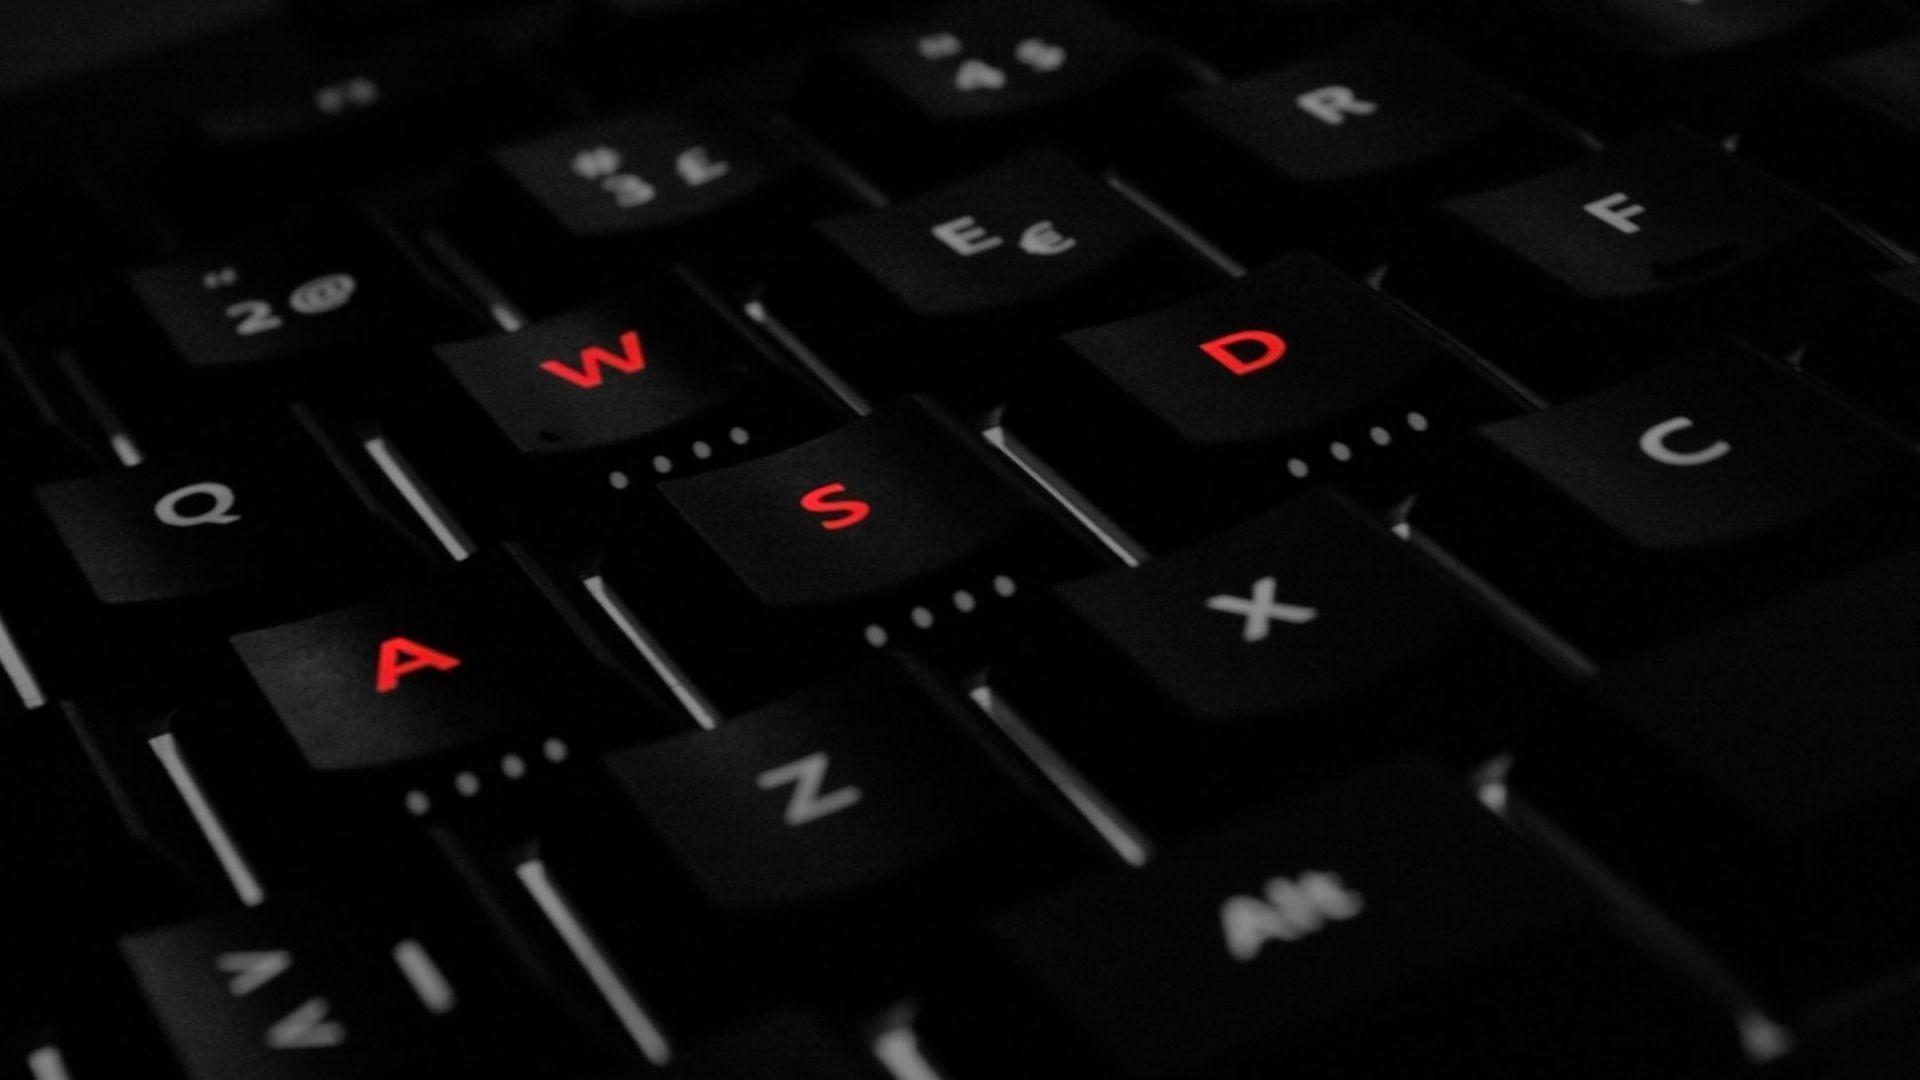 Download Wallpaper 1920x1080 Keyboard Keys Buttons Black Full Hd 1080p Hd Background Keyboard Computer Keyboard Keyboards